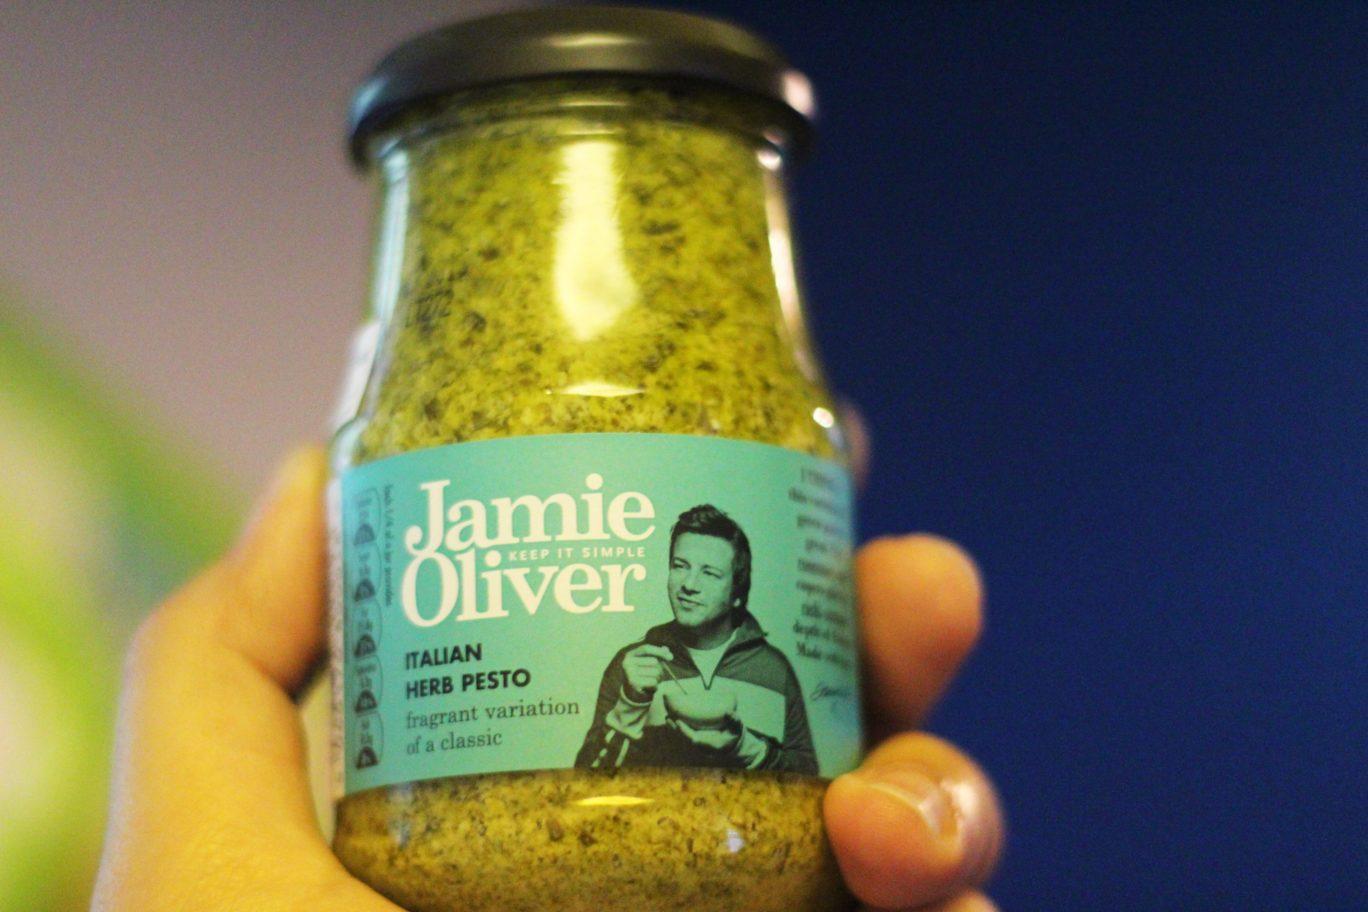 Jamie Oliver's Pesto Sauce in a jar